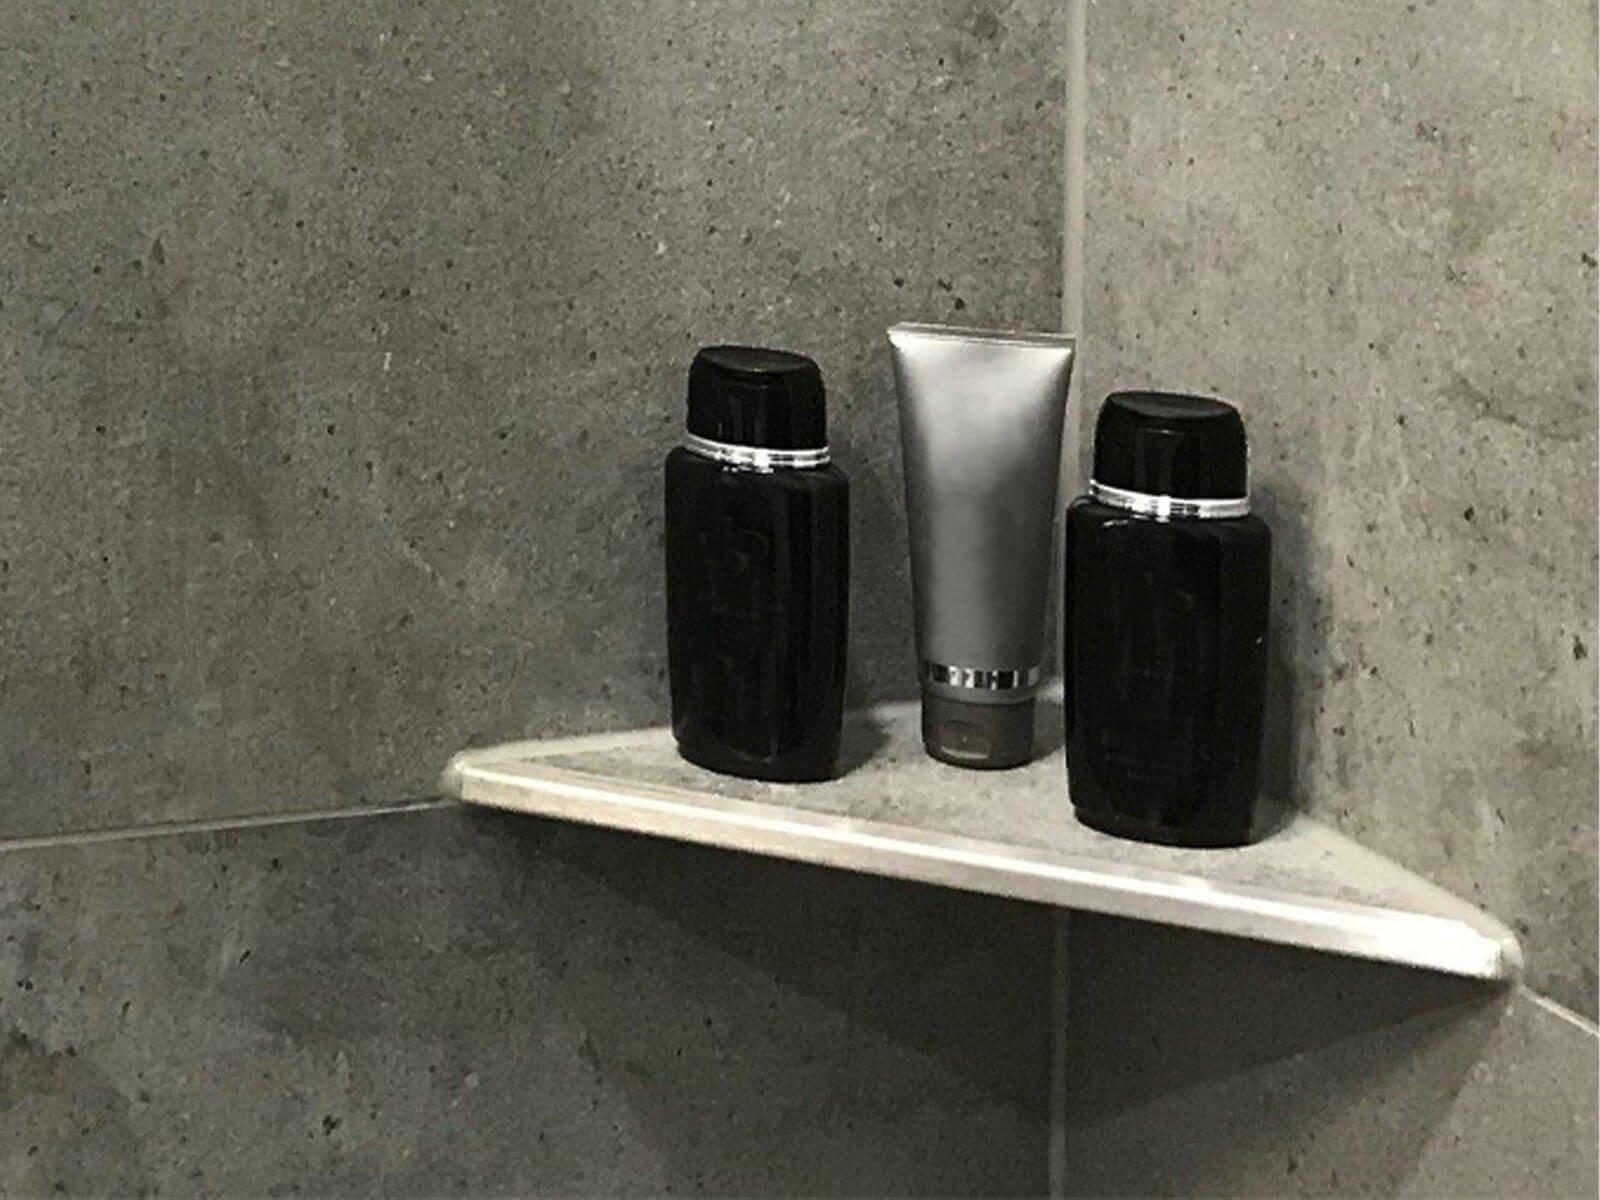 Duschablage aus massivem Edelstahl in einer Ecke mit Shampooflaschen